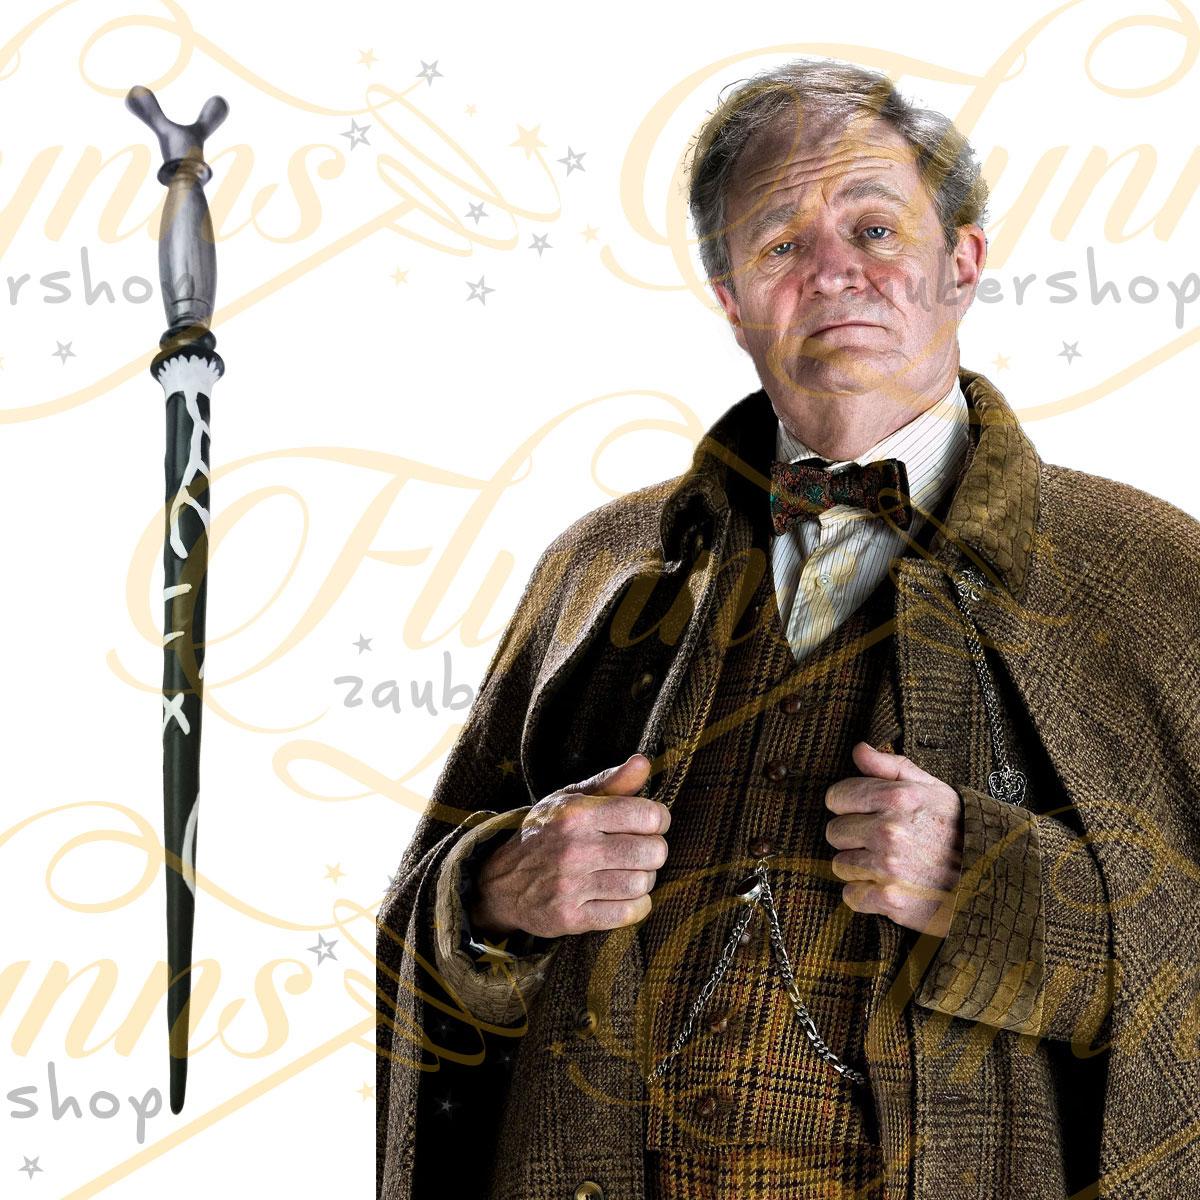 Horace Slughorn | Harry Potter | Flynns Zaubershop